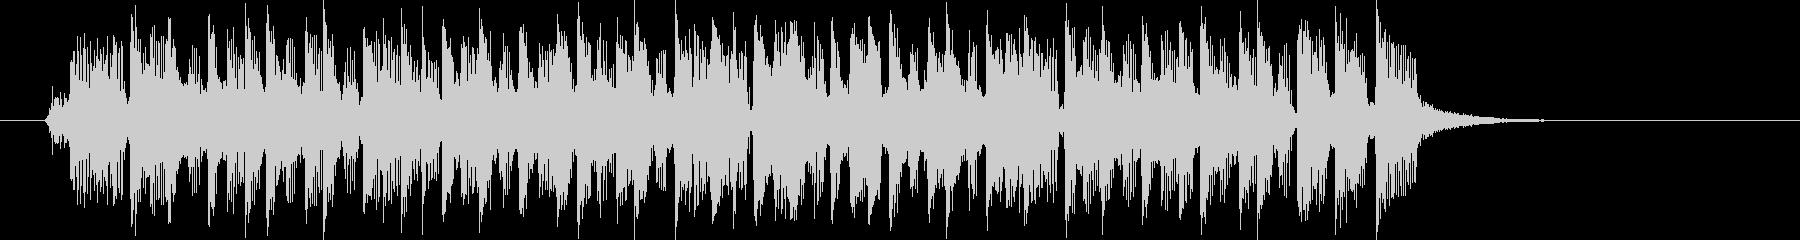 ピアノとシンセのロックンロールの未再生の波形